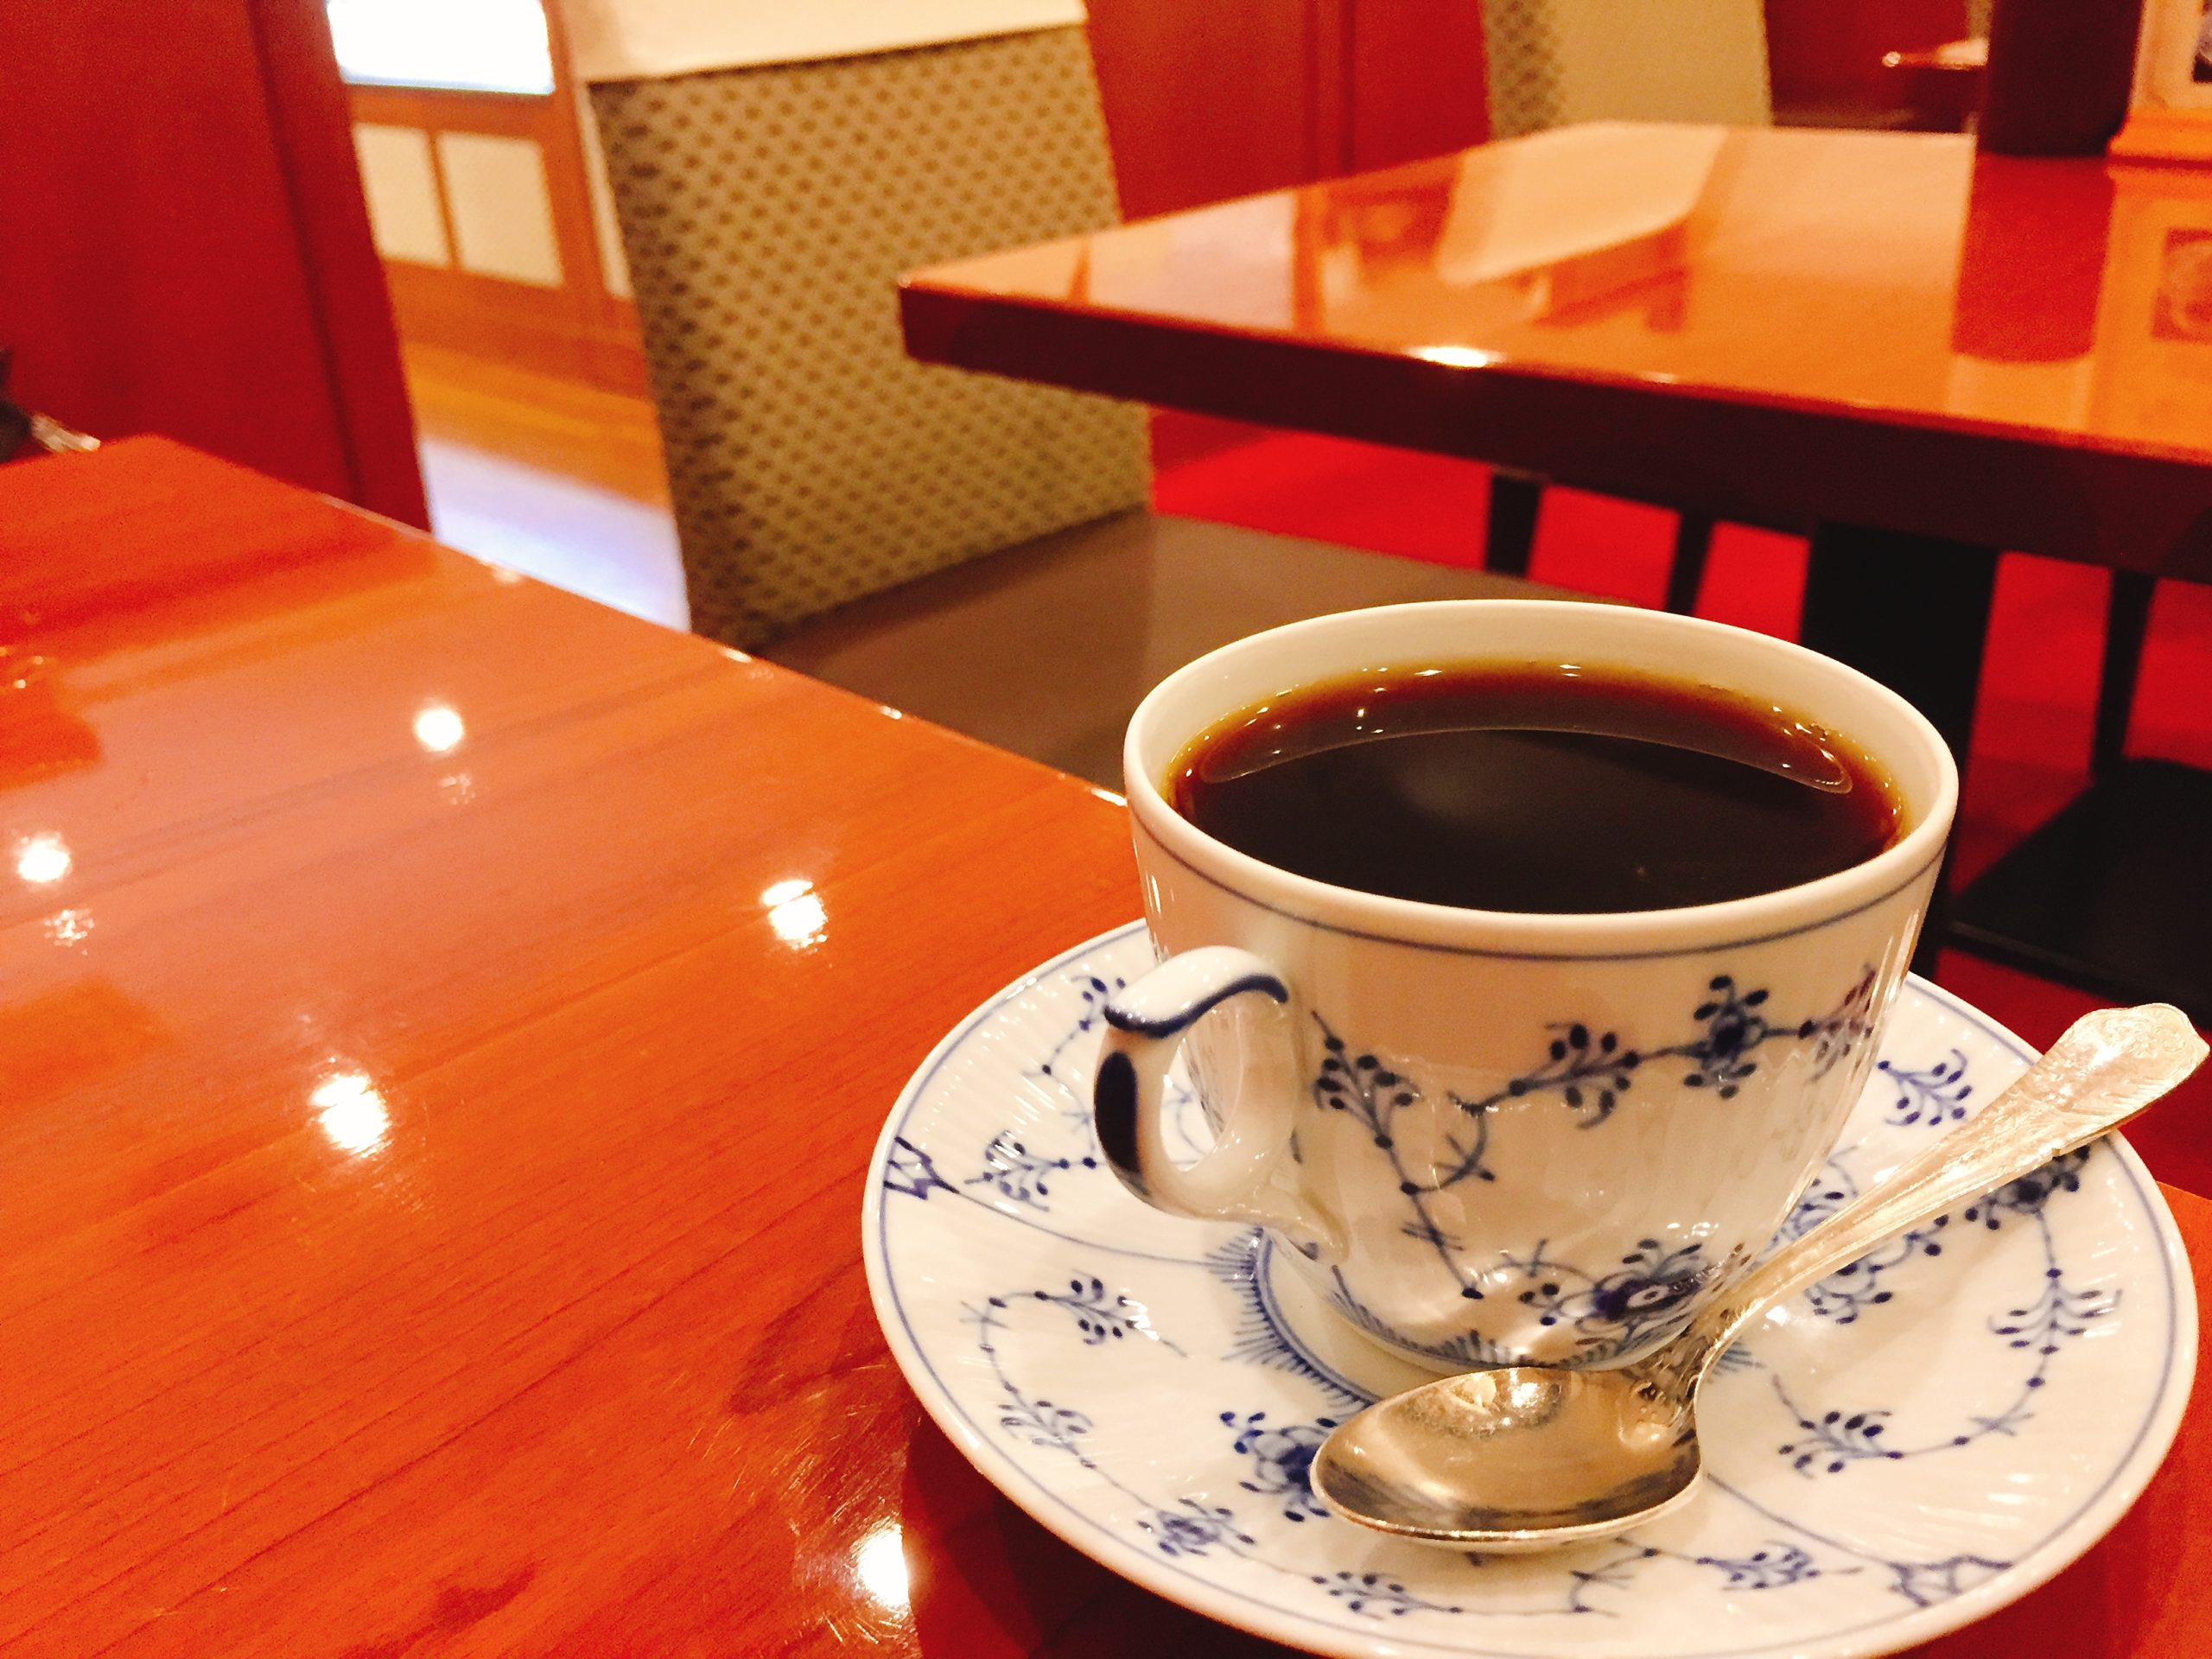 武蔵境駅南口 打ち合わせカフェ 椿屋茶房エミオ武蔵境店